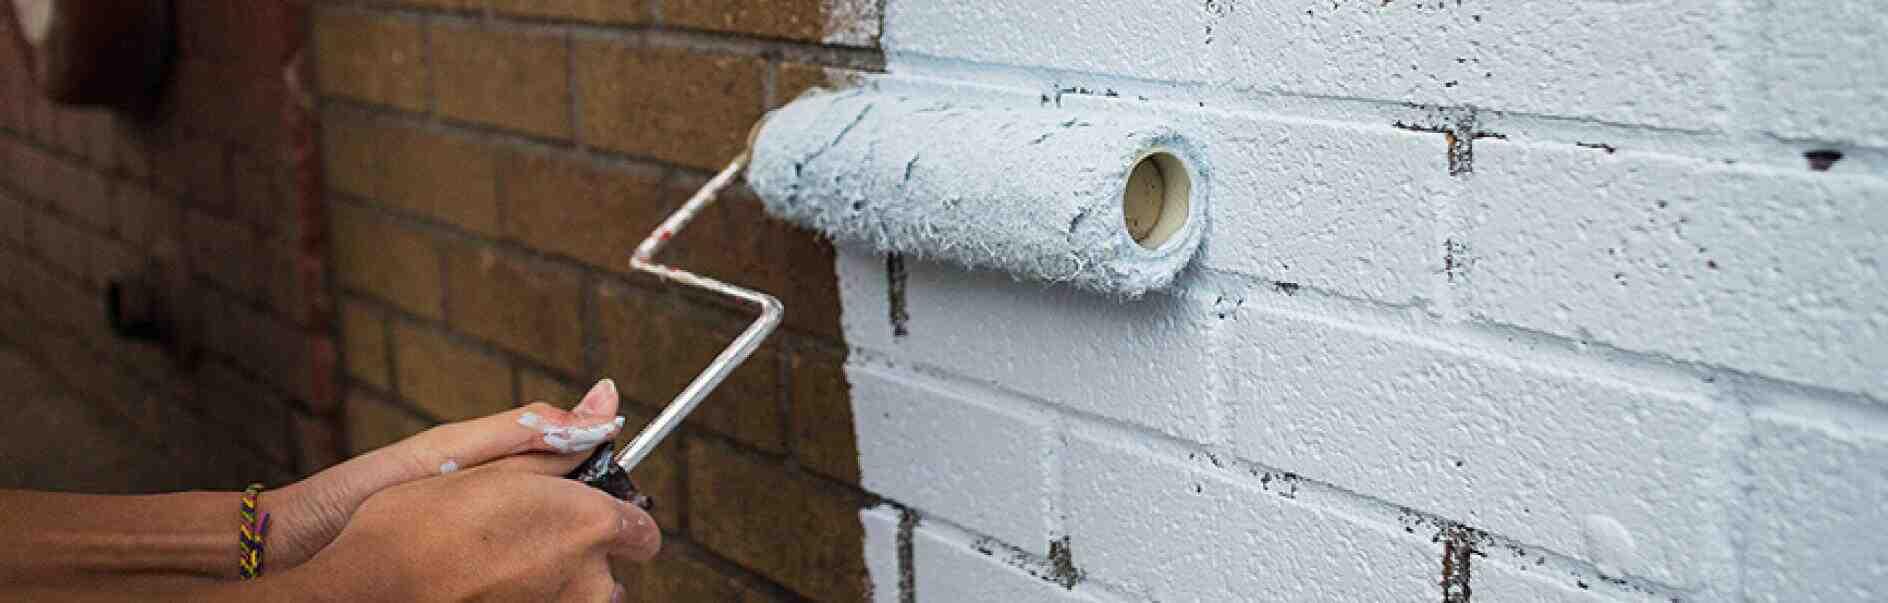 Comment enlever le vernis des briques?